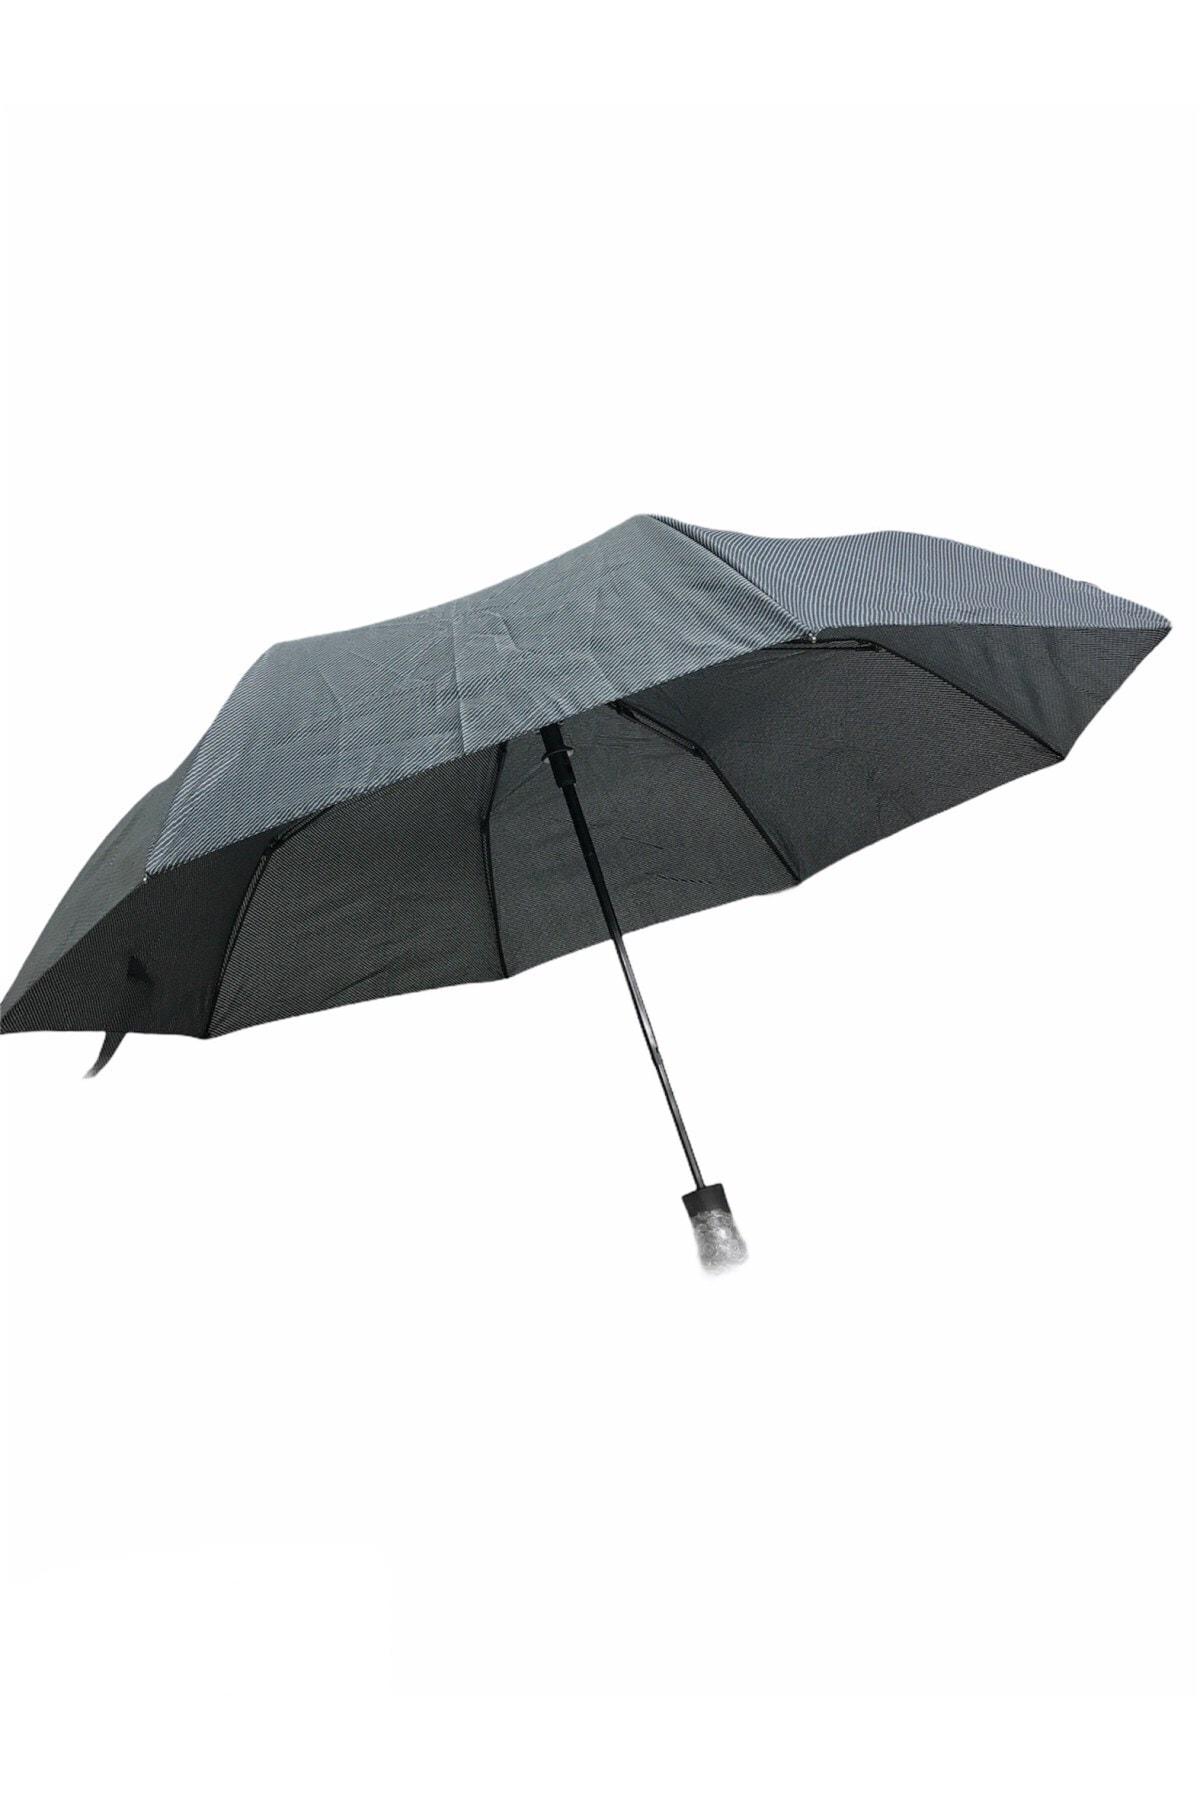 Almera Yarı Otomatik Şemsiye 1